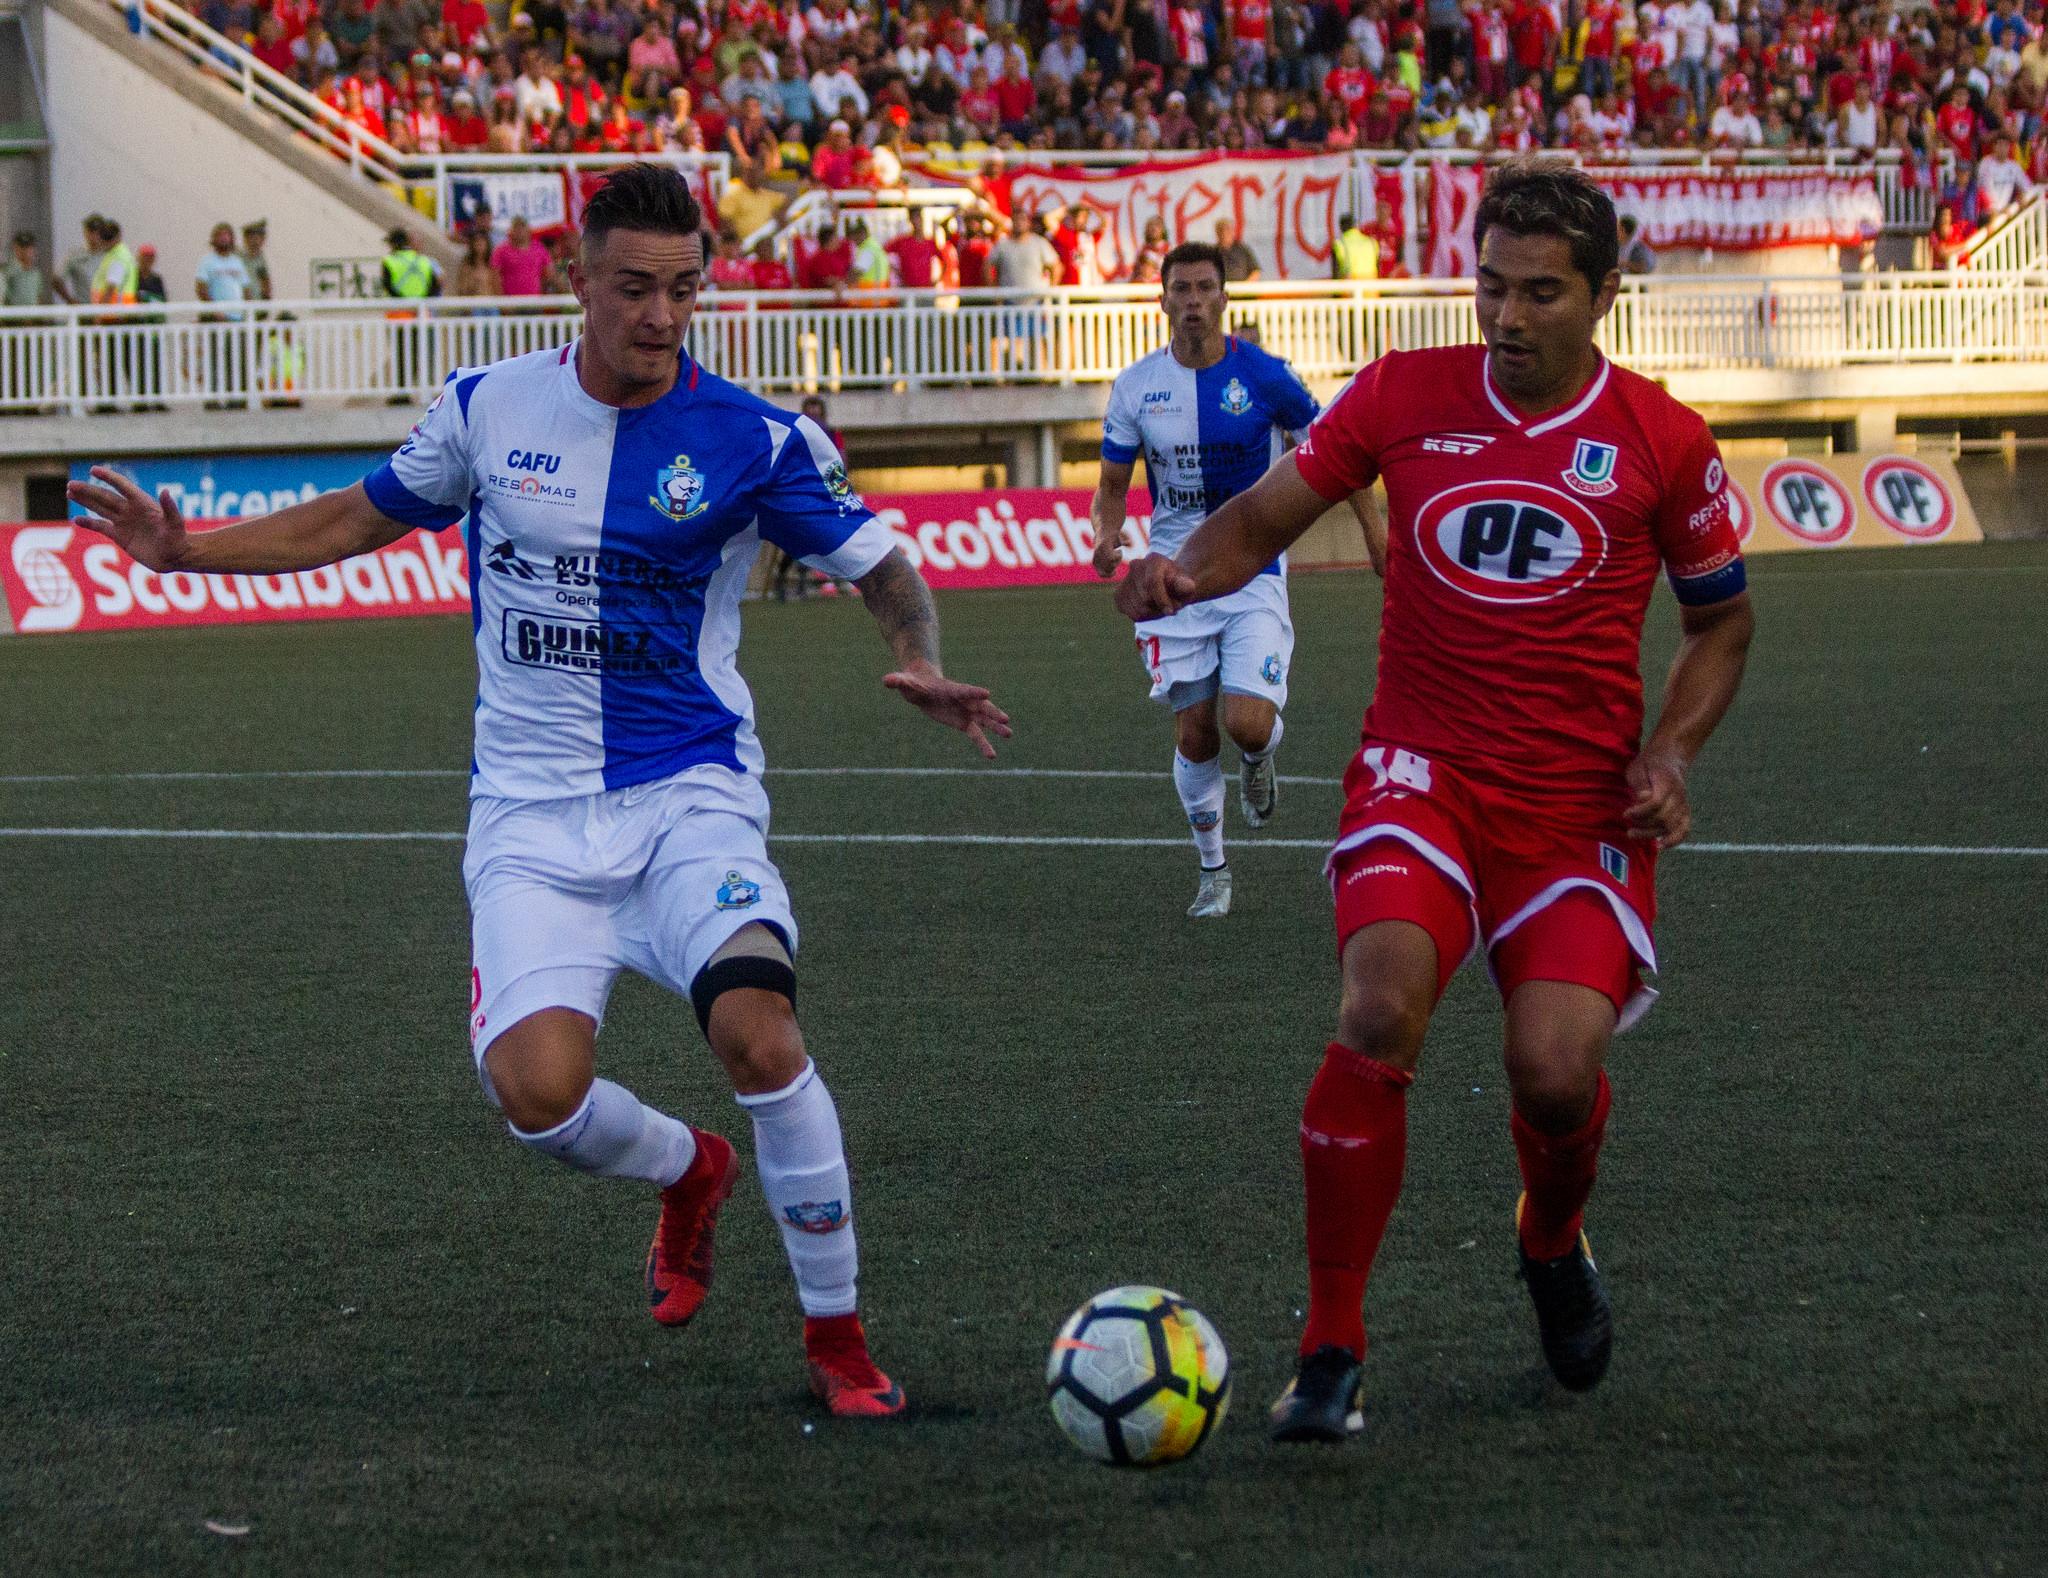 Galería de fotos: Unión La Calera vs Deportes Antofagasta